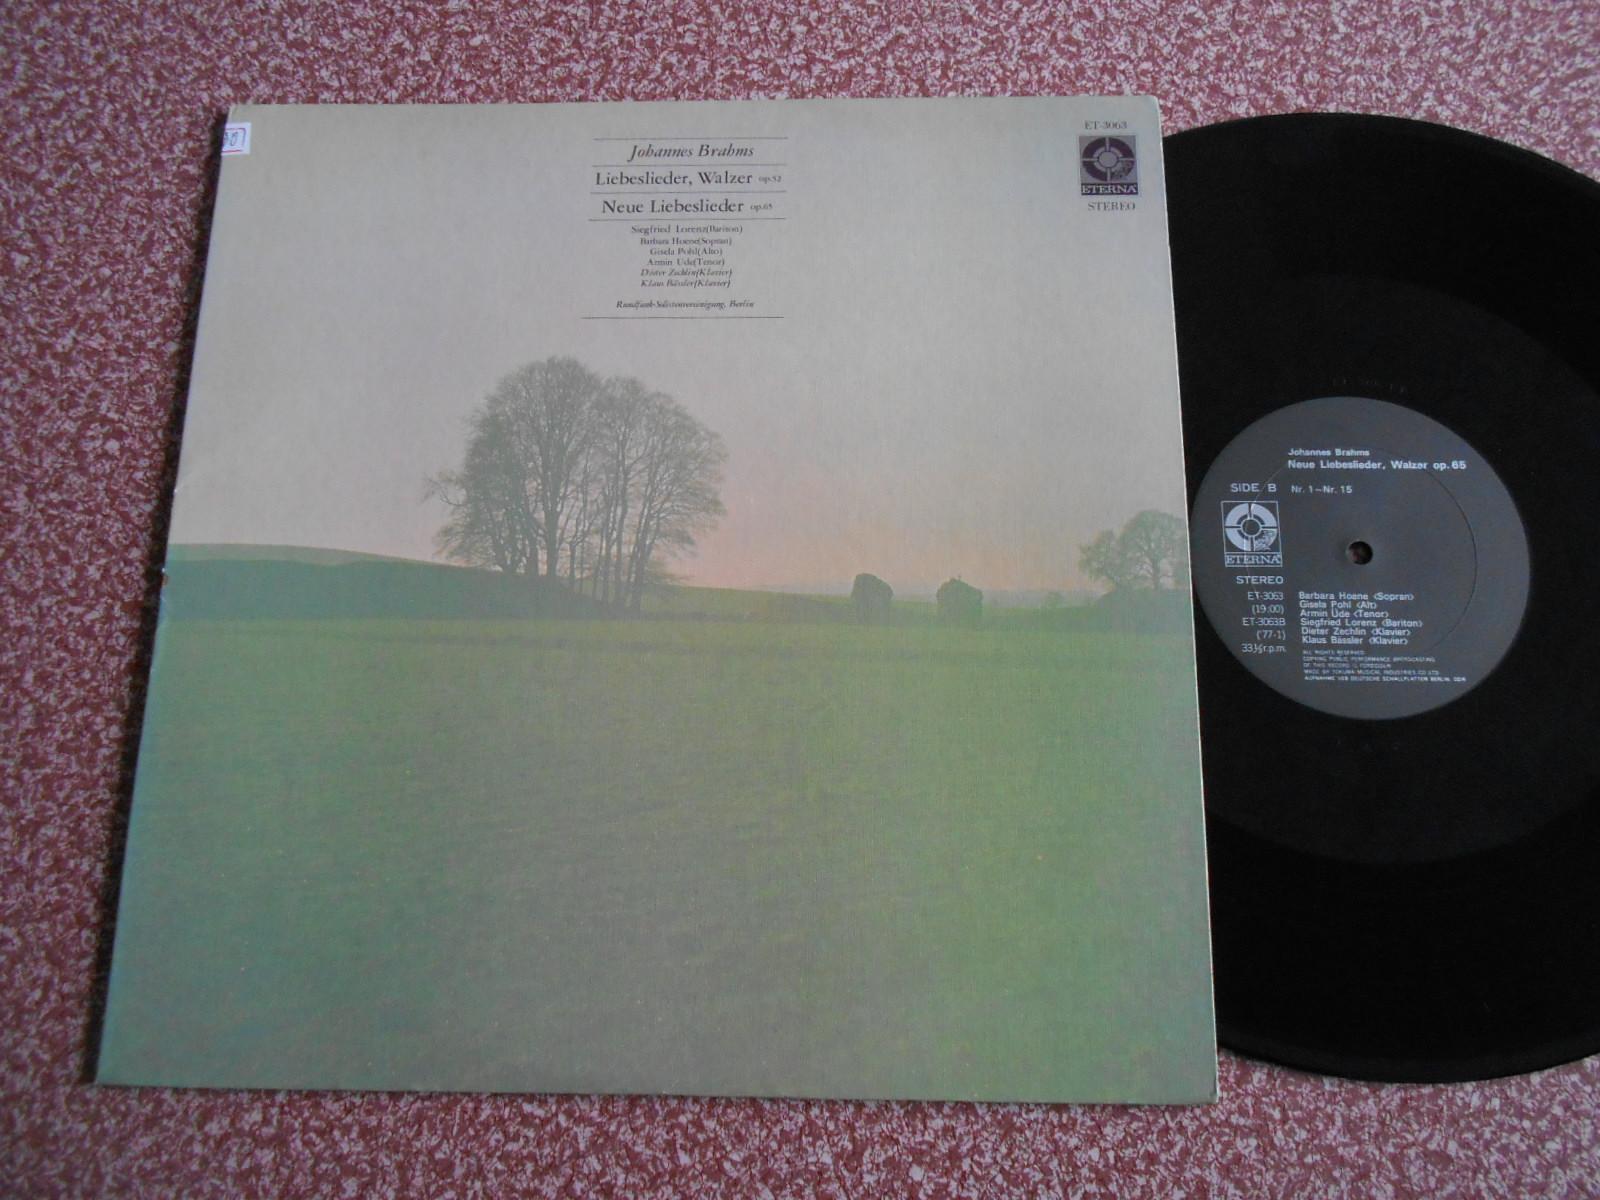 Граммофонная пластинка   Liebeslieder Walzer Op LP P462 граммофонная пластинка weitblick sss0011 2